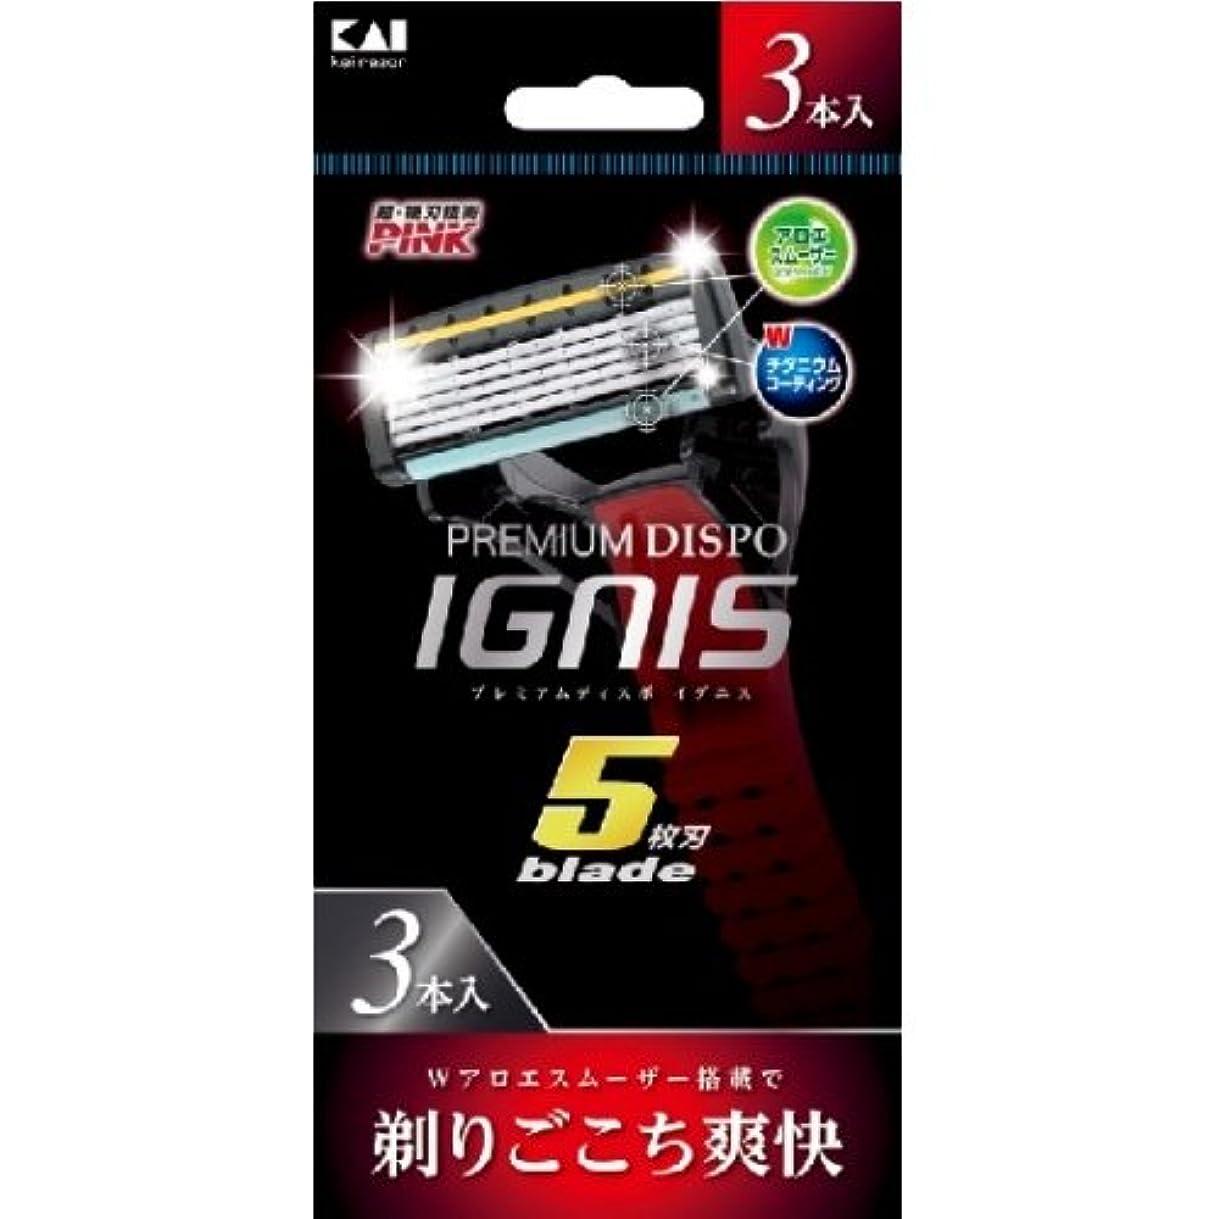 可能市場担当者PREMIUM DISPO IGNIS(プレミアム ディスポ イグニス)5枚刃 使い捨てカミソリ 3本入